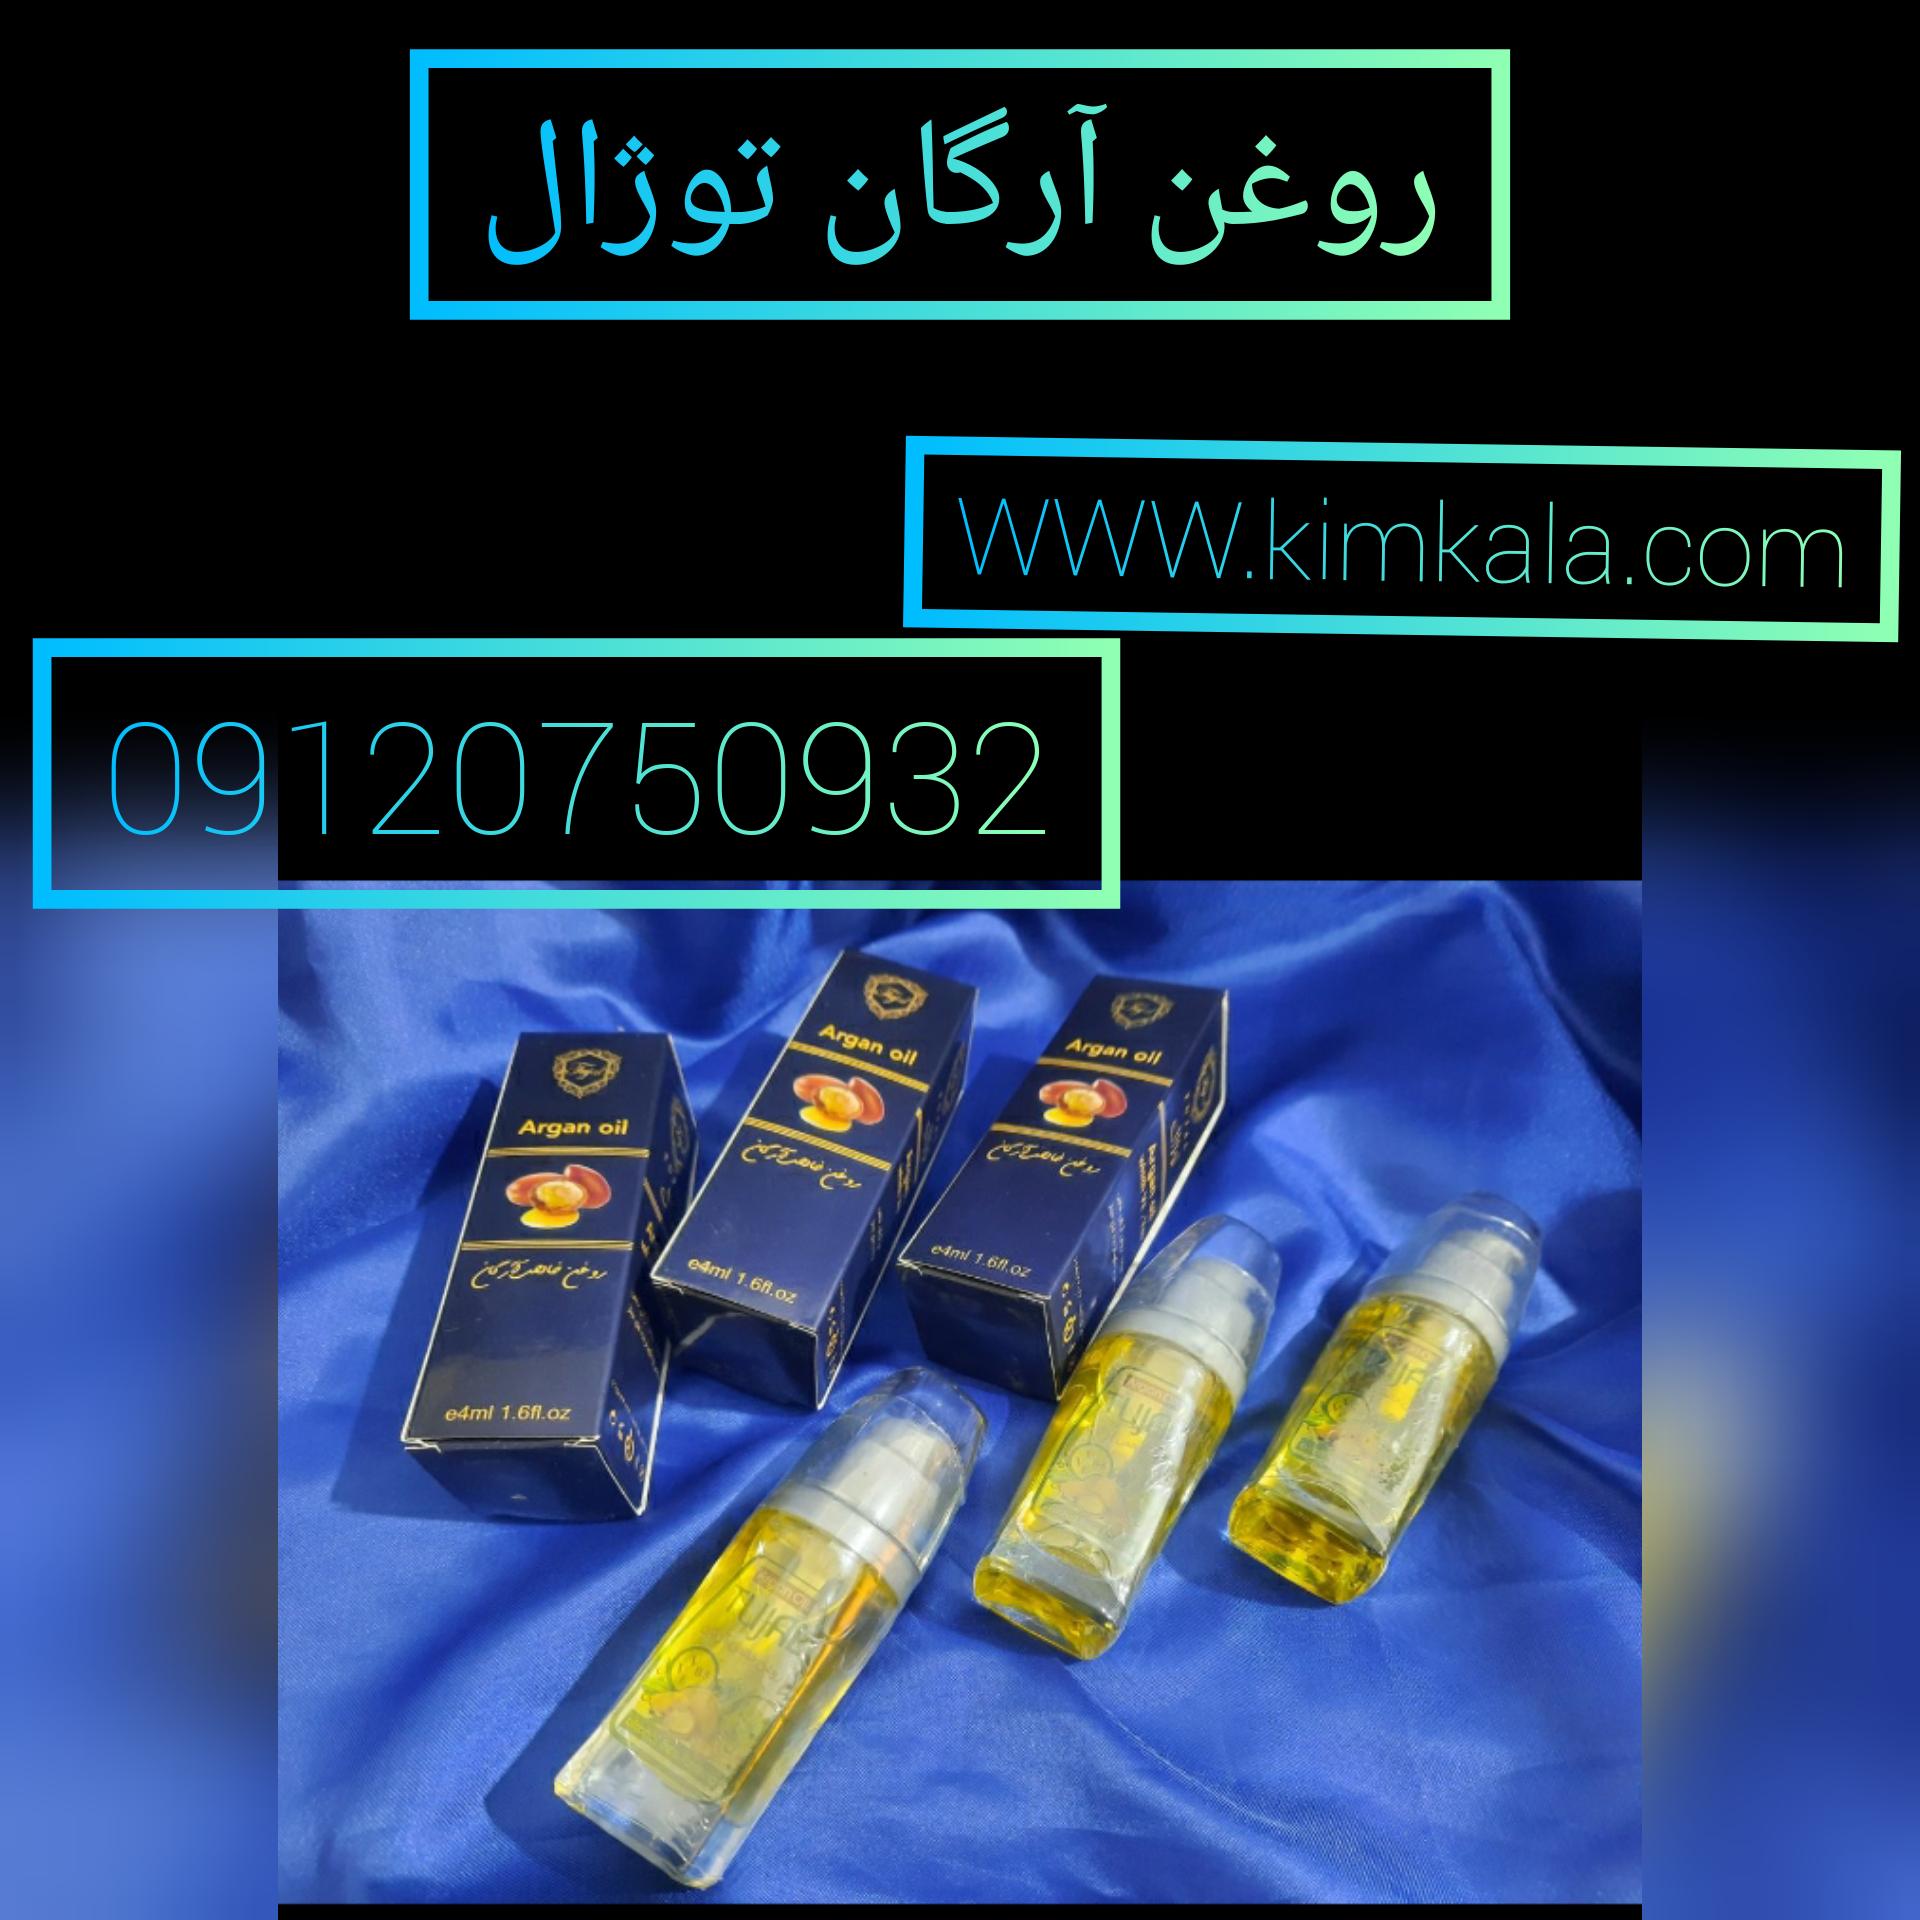 روغن آرگان توژال/09120750932/قیمت روغن آرگان